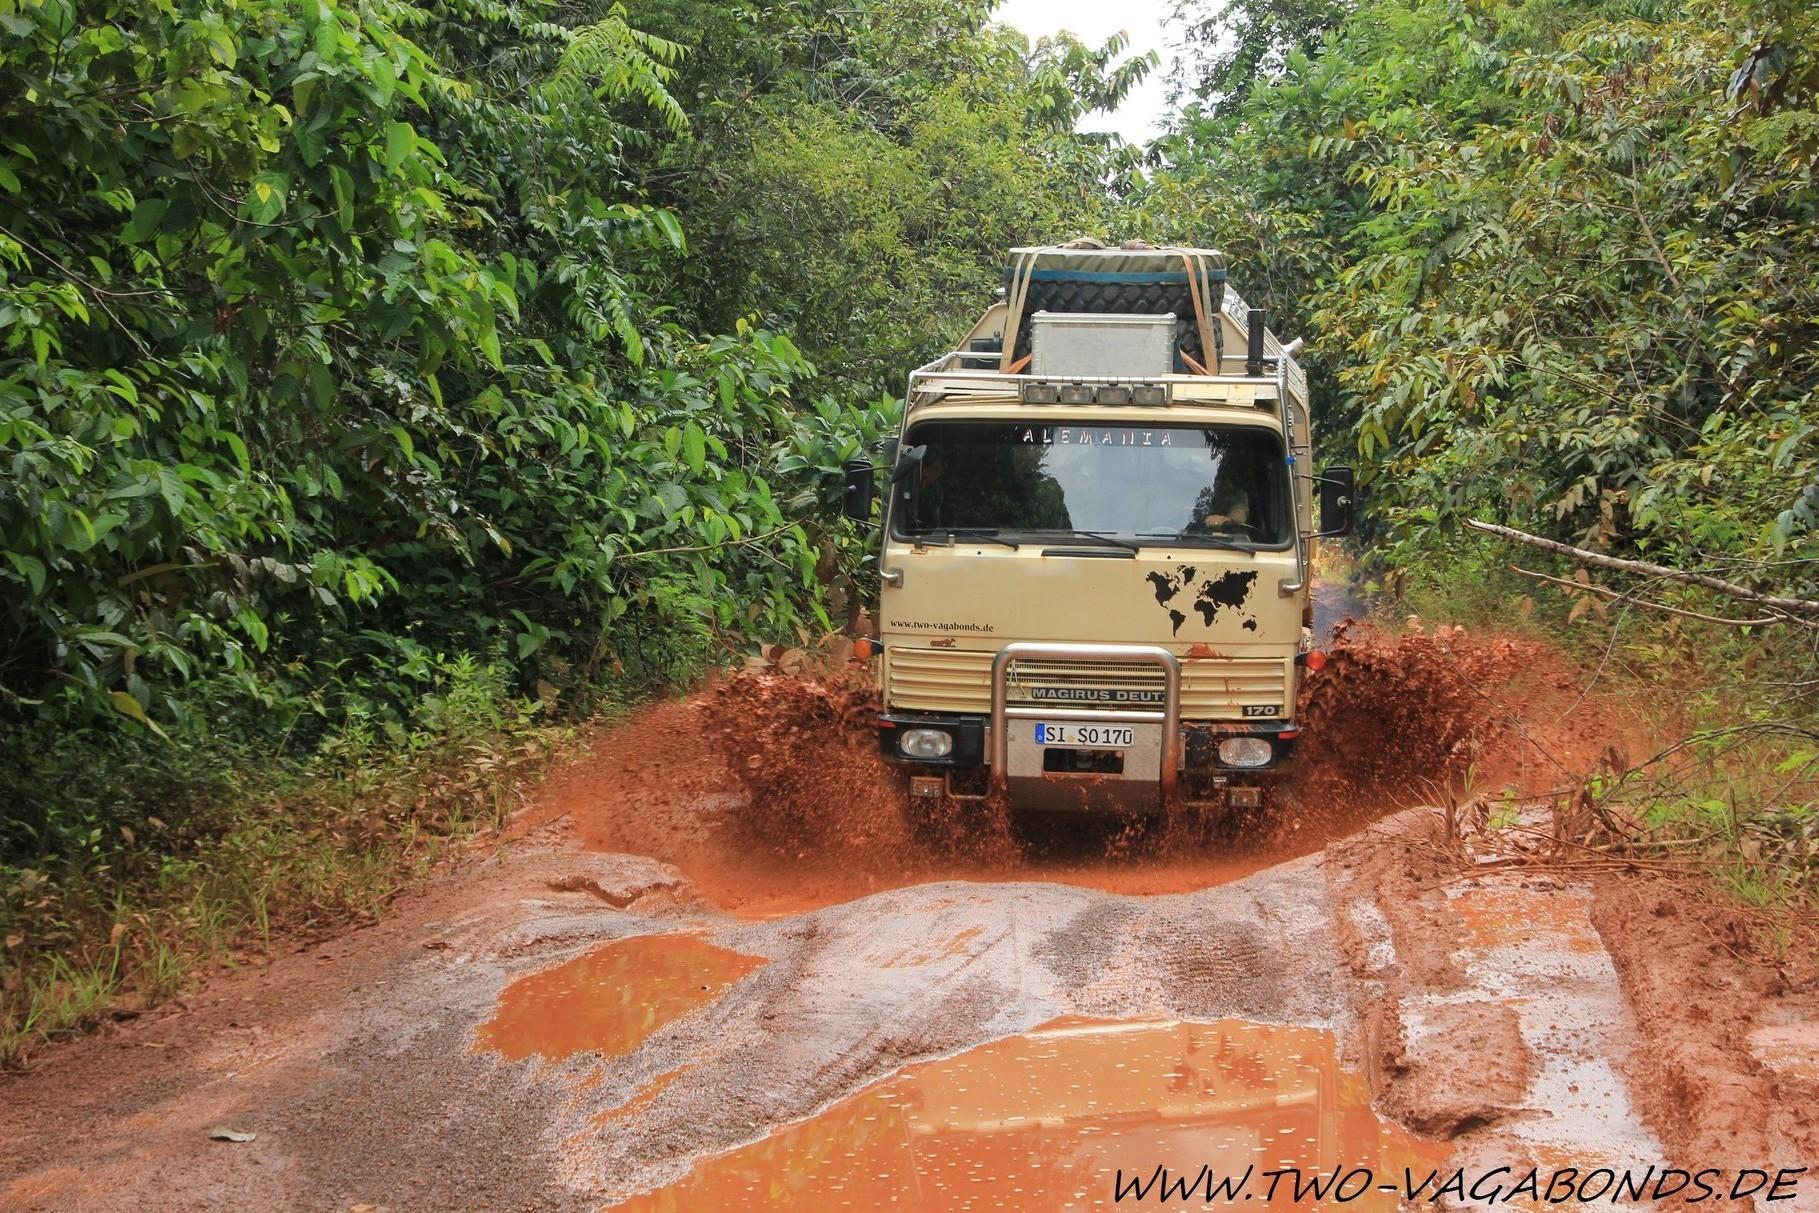 2014 GUYANA - AMAZONAS